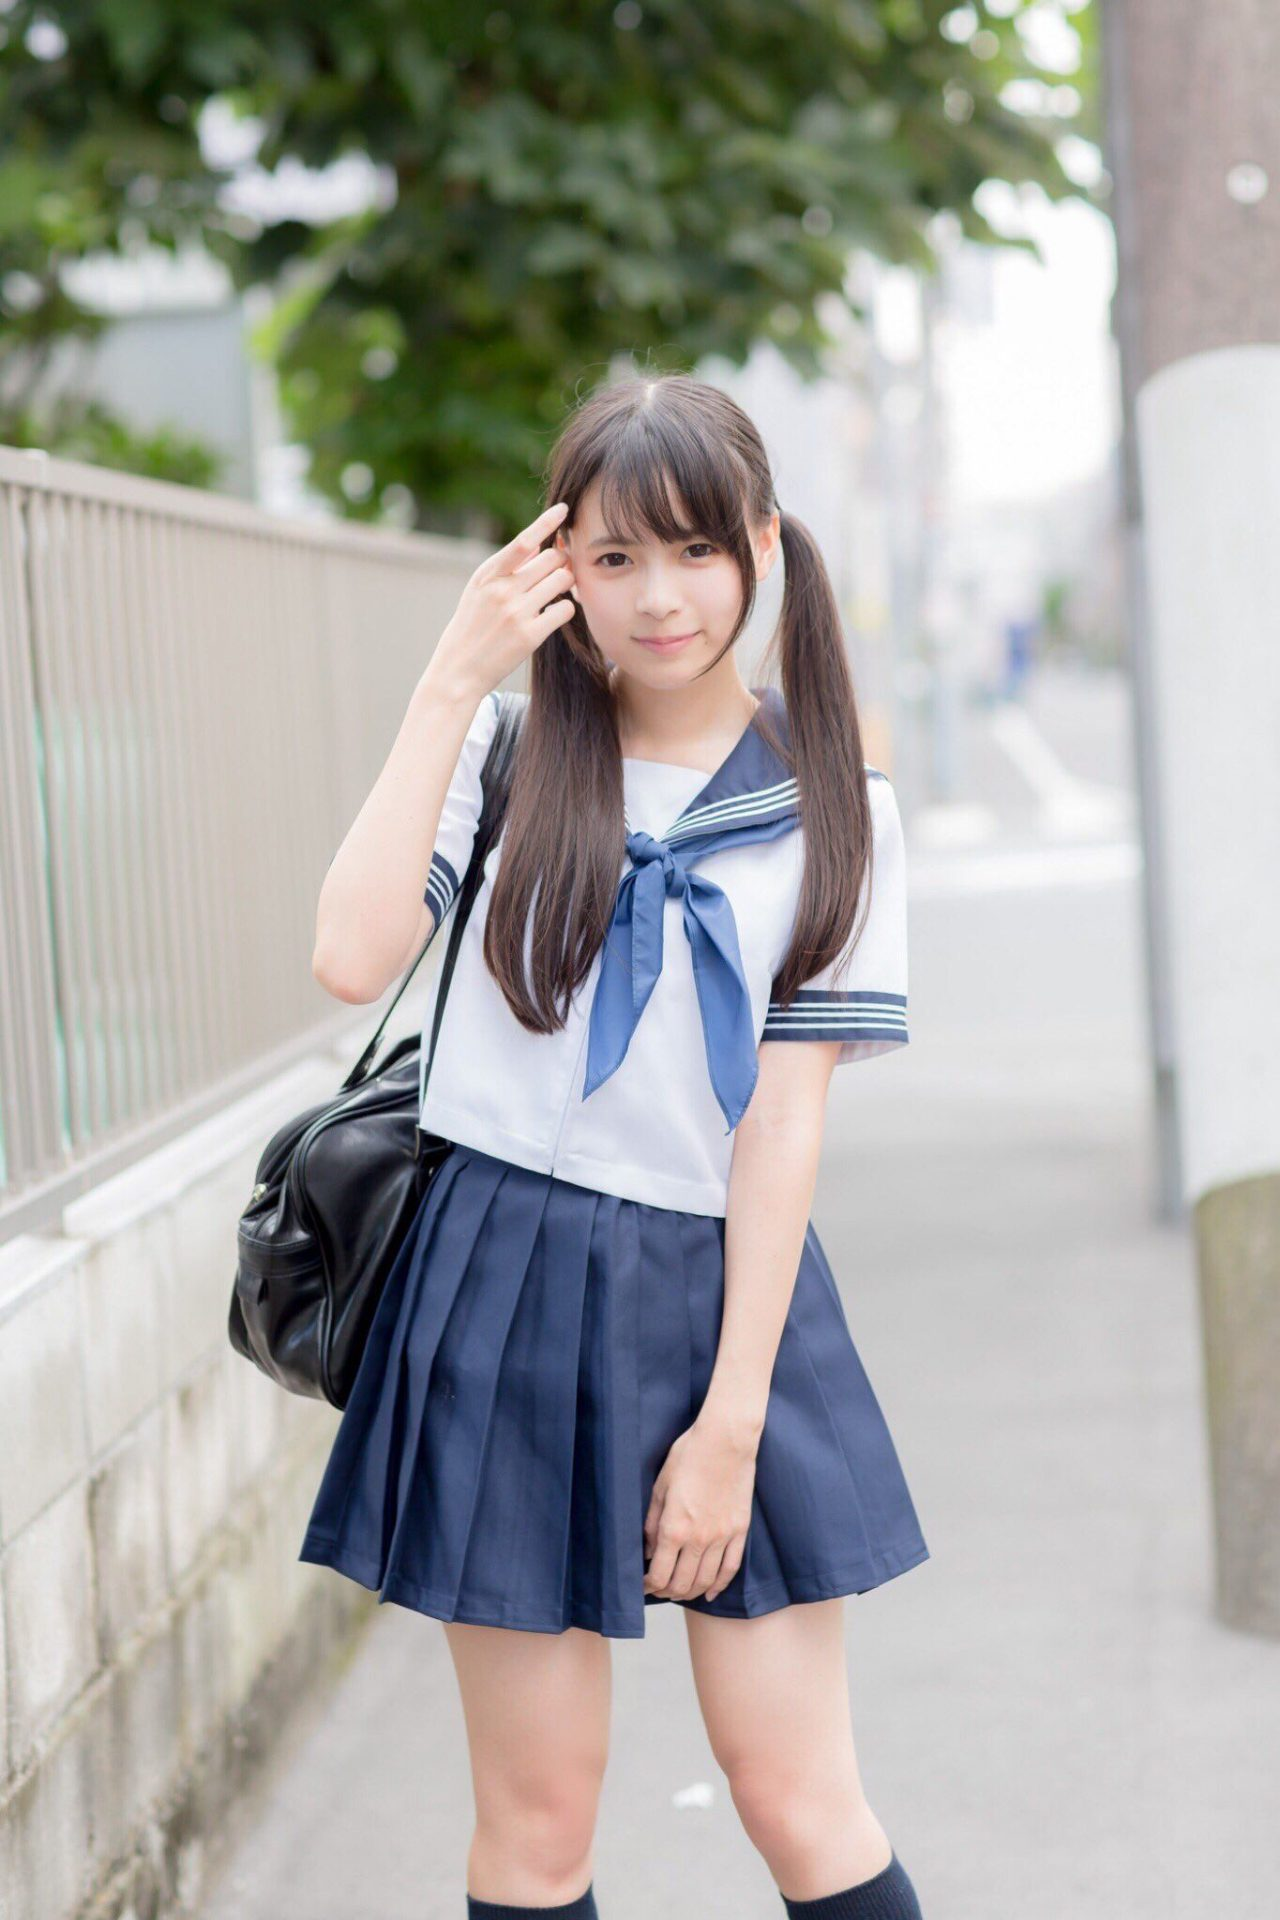 三次元 3次元 エロ画像 ミニスカート 美脚 べっぴん娘通信 07